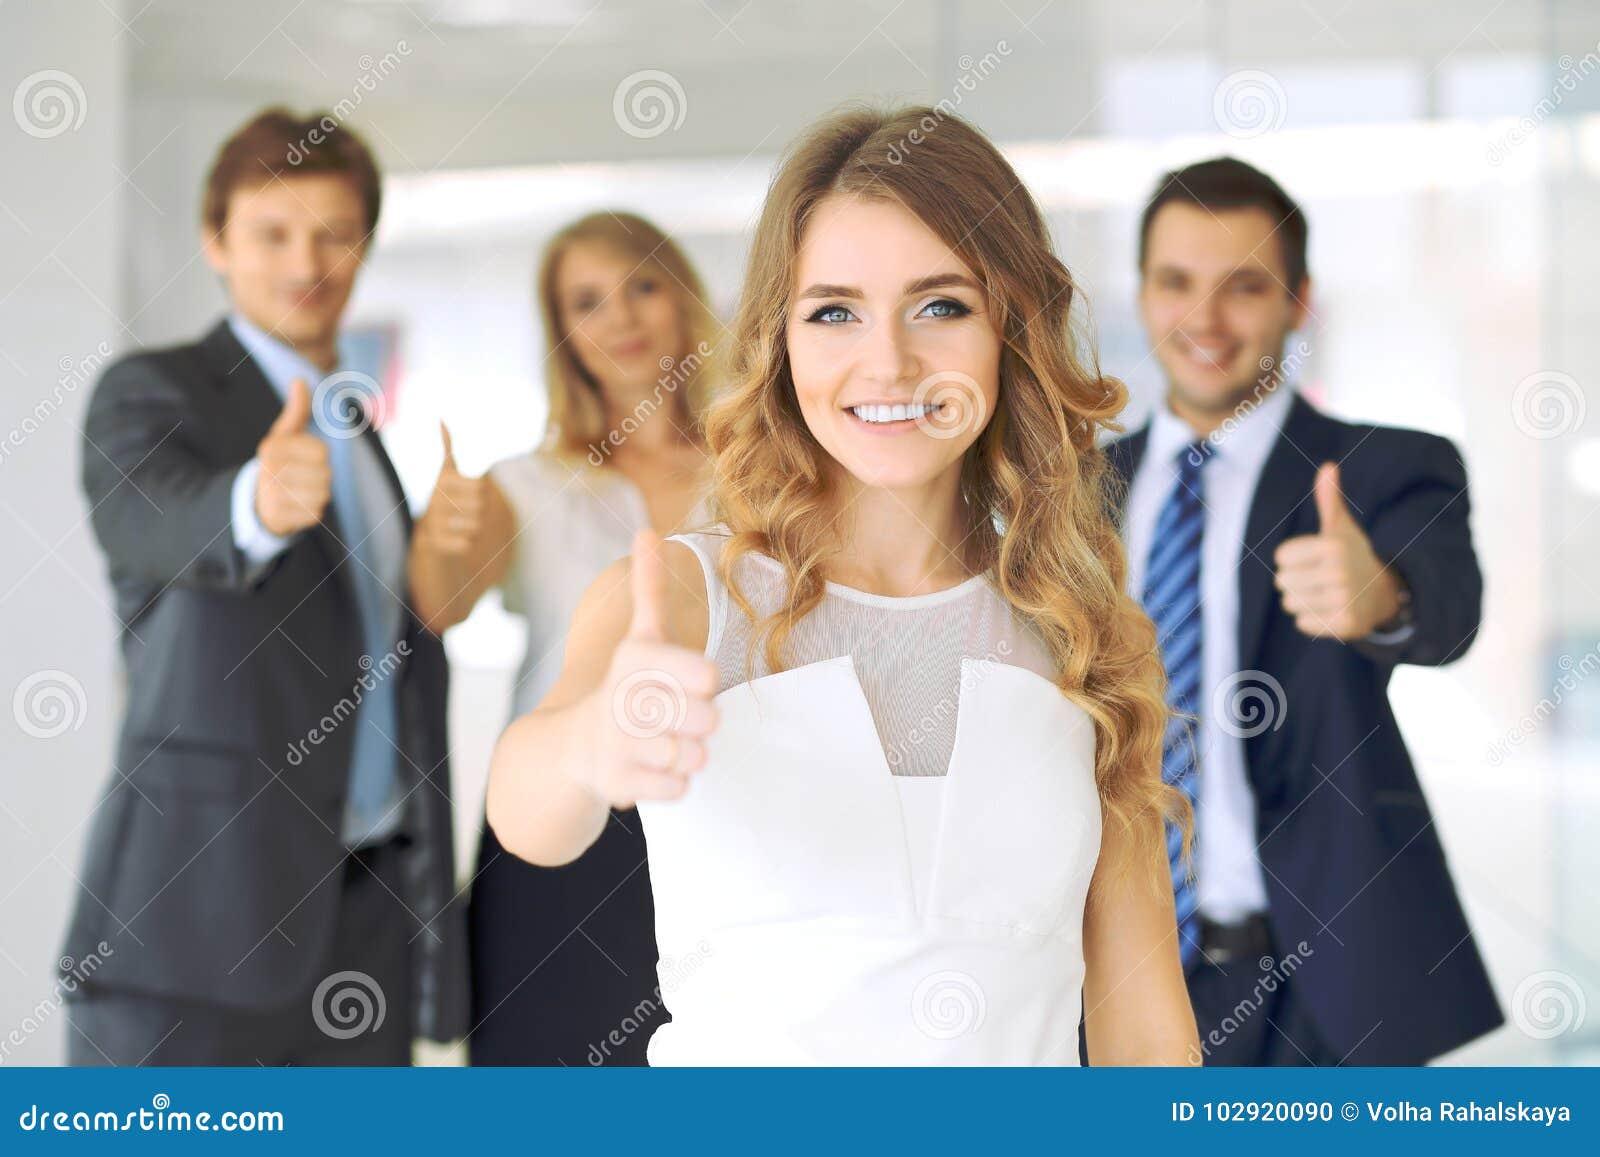 Οι επιτυχείς νέοι επιχειρηματίες που παρουσιάζουν αντίχειρες υπογράφουν επάνω